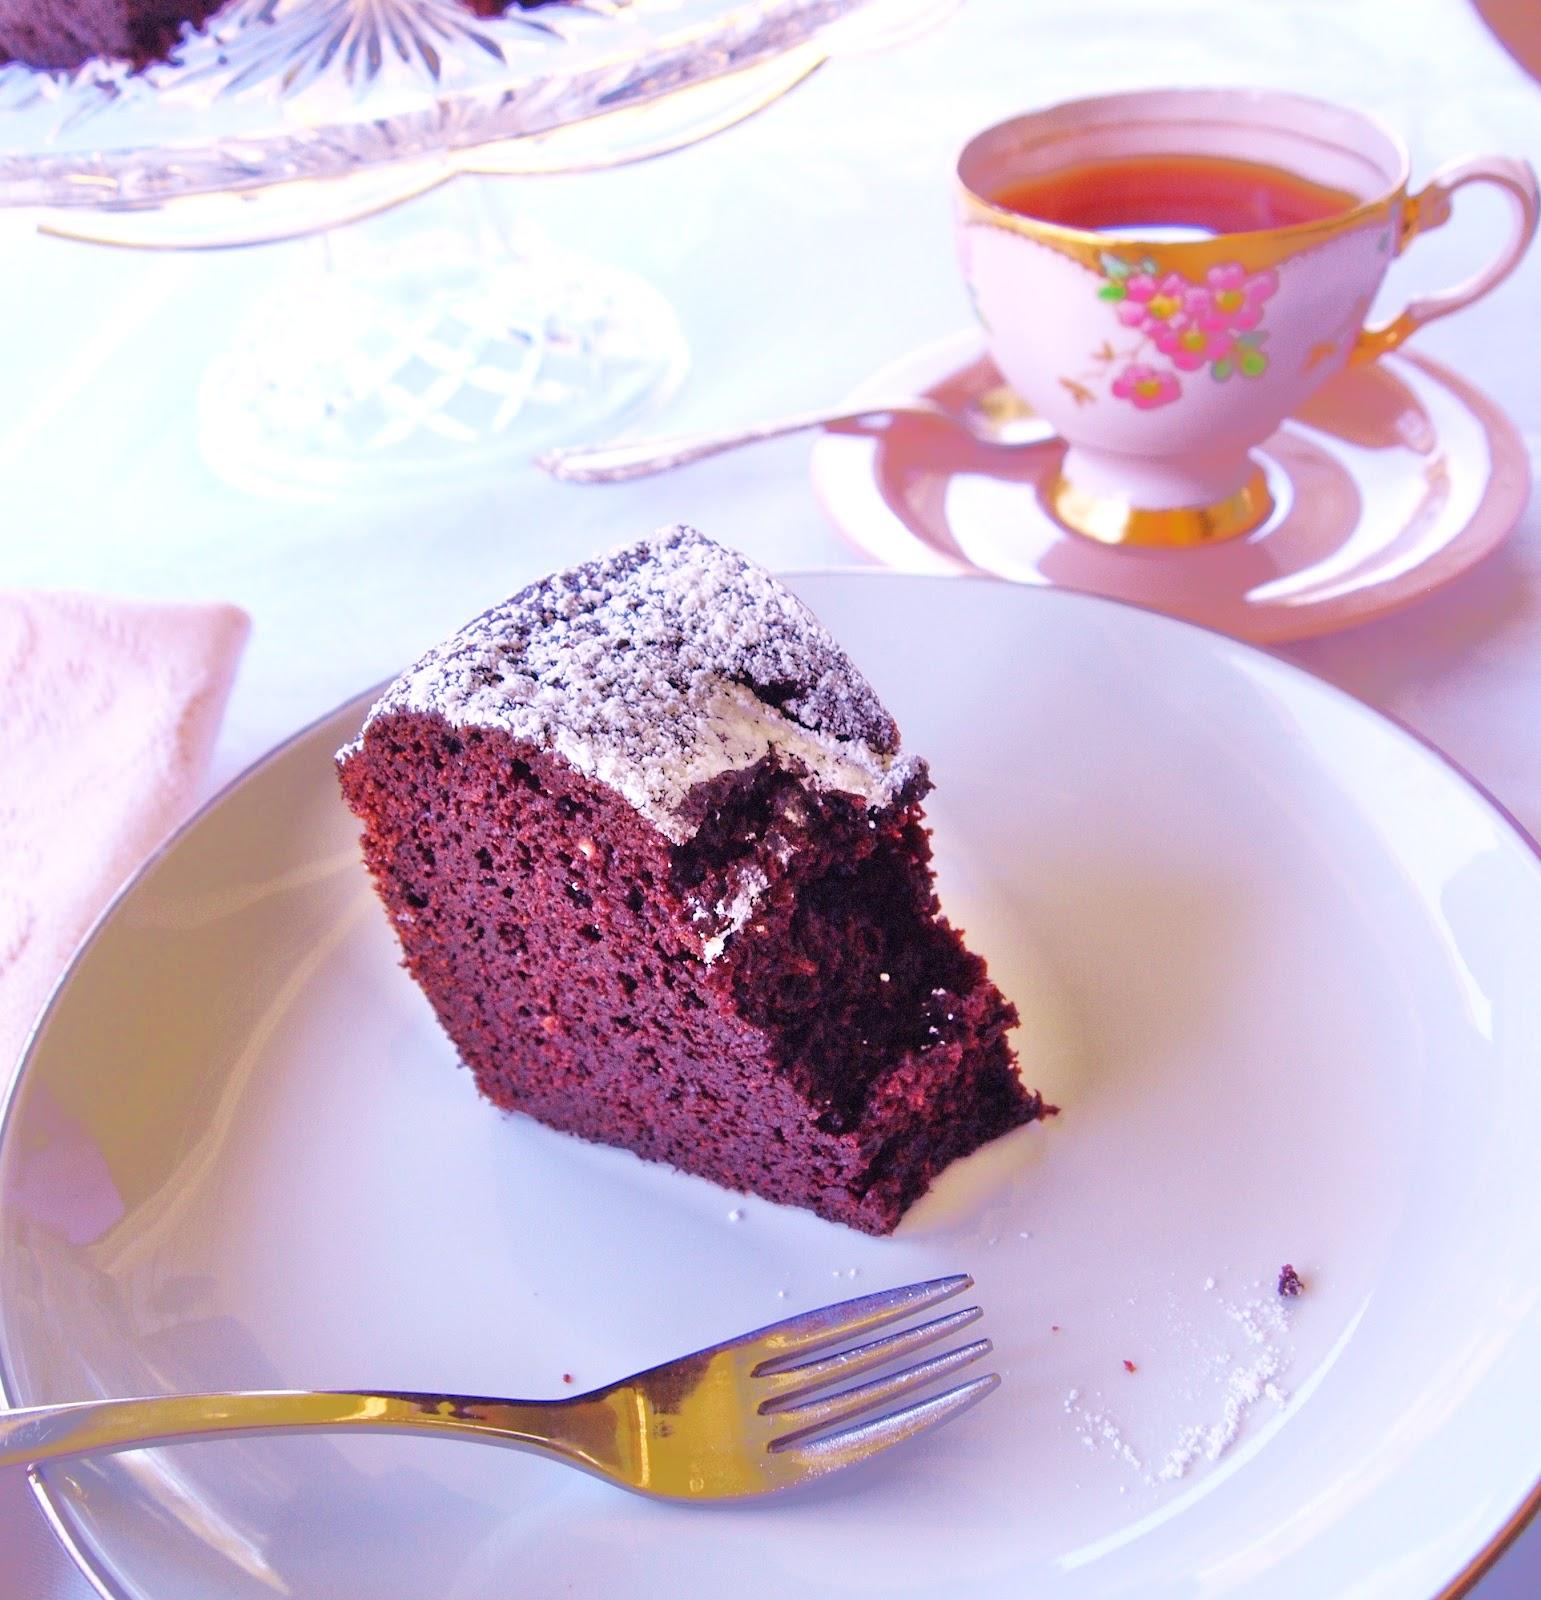 The Alchemist Moist Chocolate Farmhouse Cake